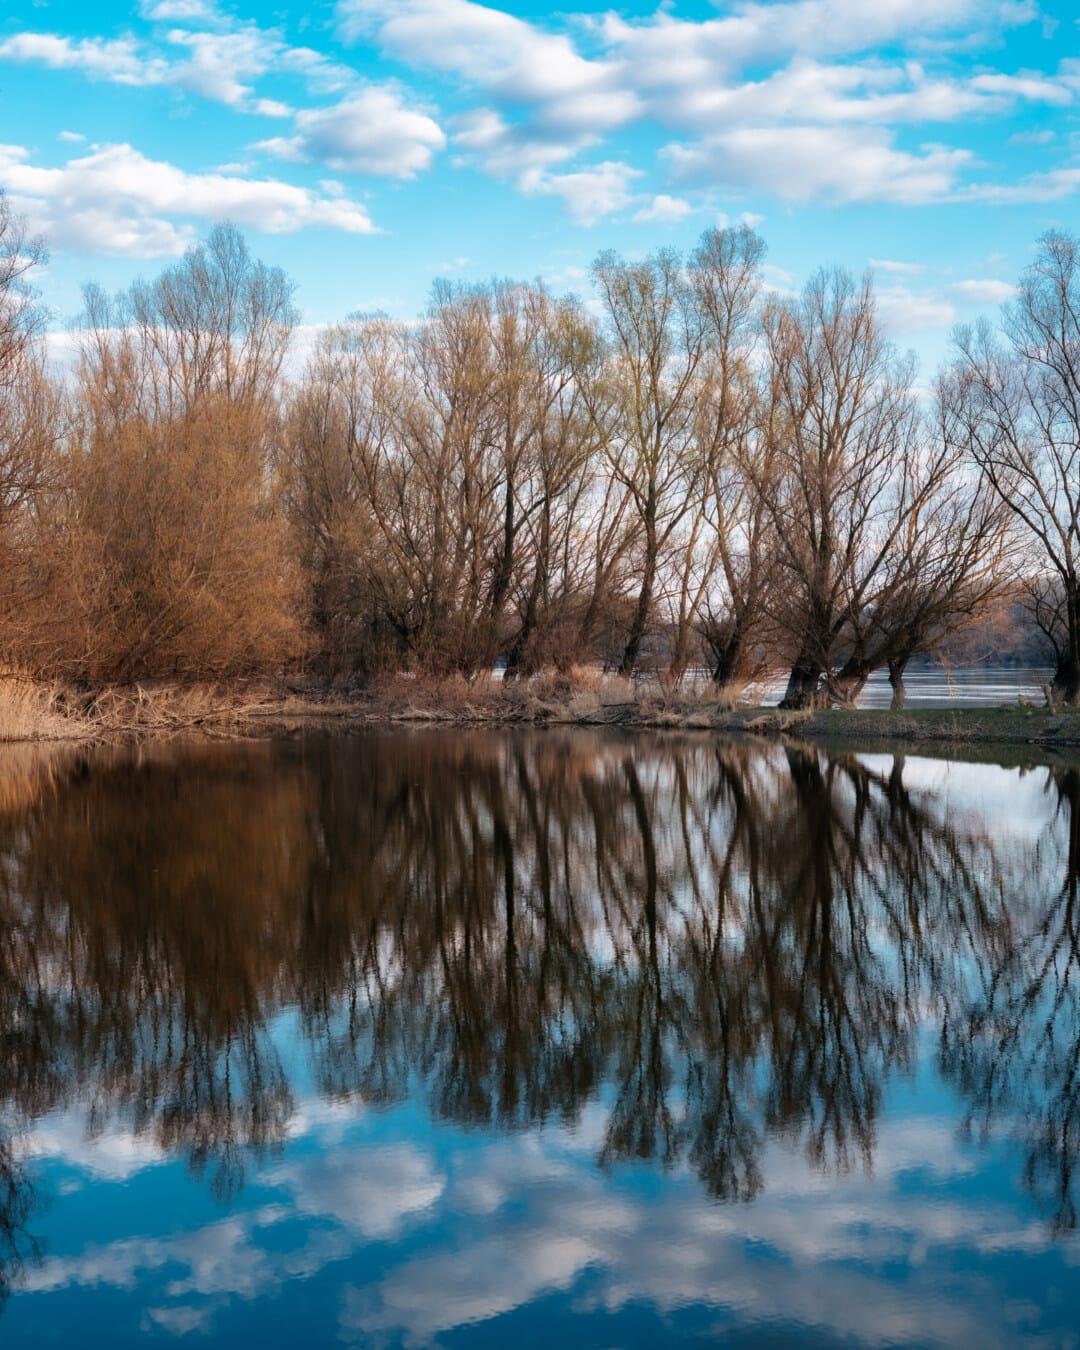 arbres, réflexion, Lac, paysage, forêt, arbre, nature, eau, bois, rivière